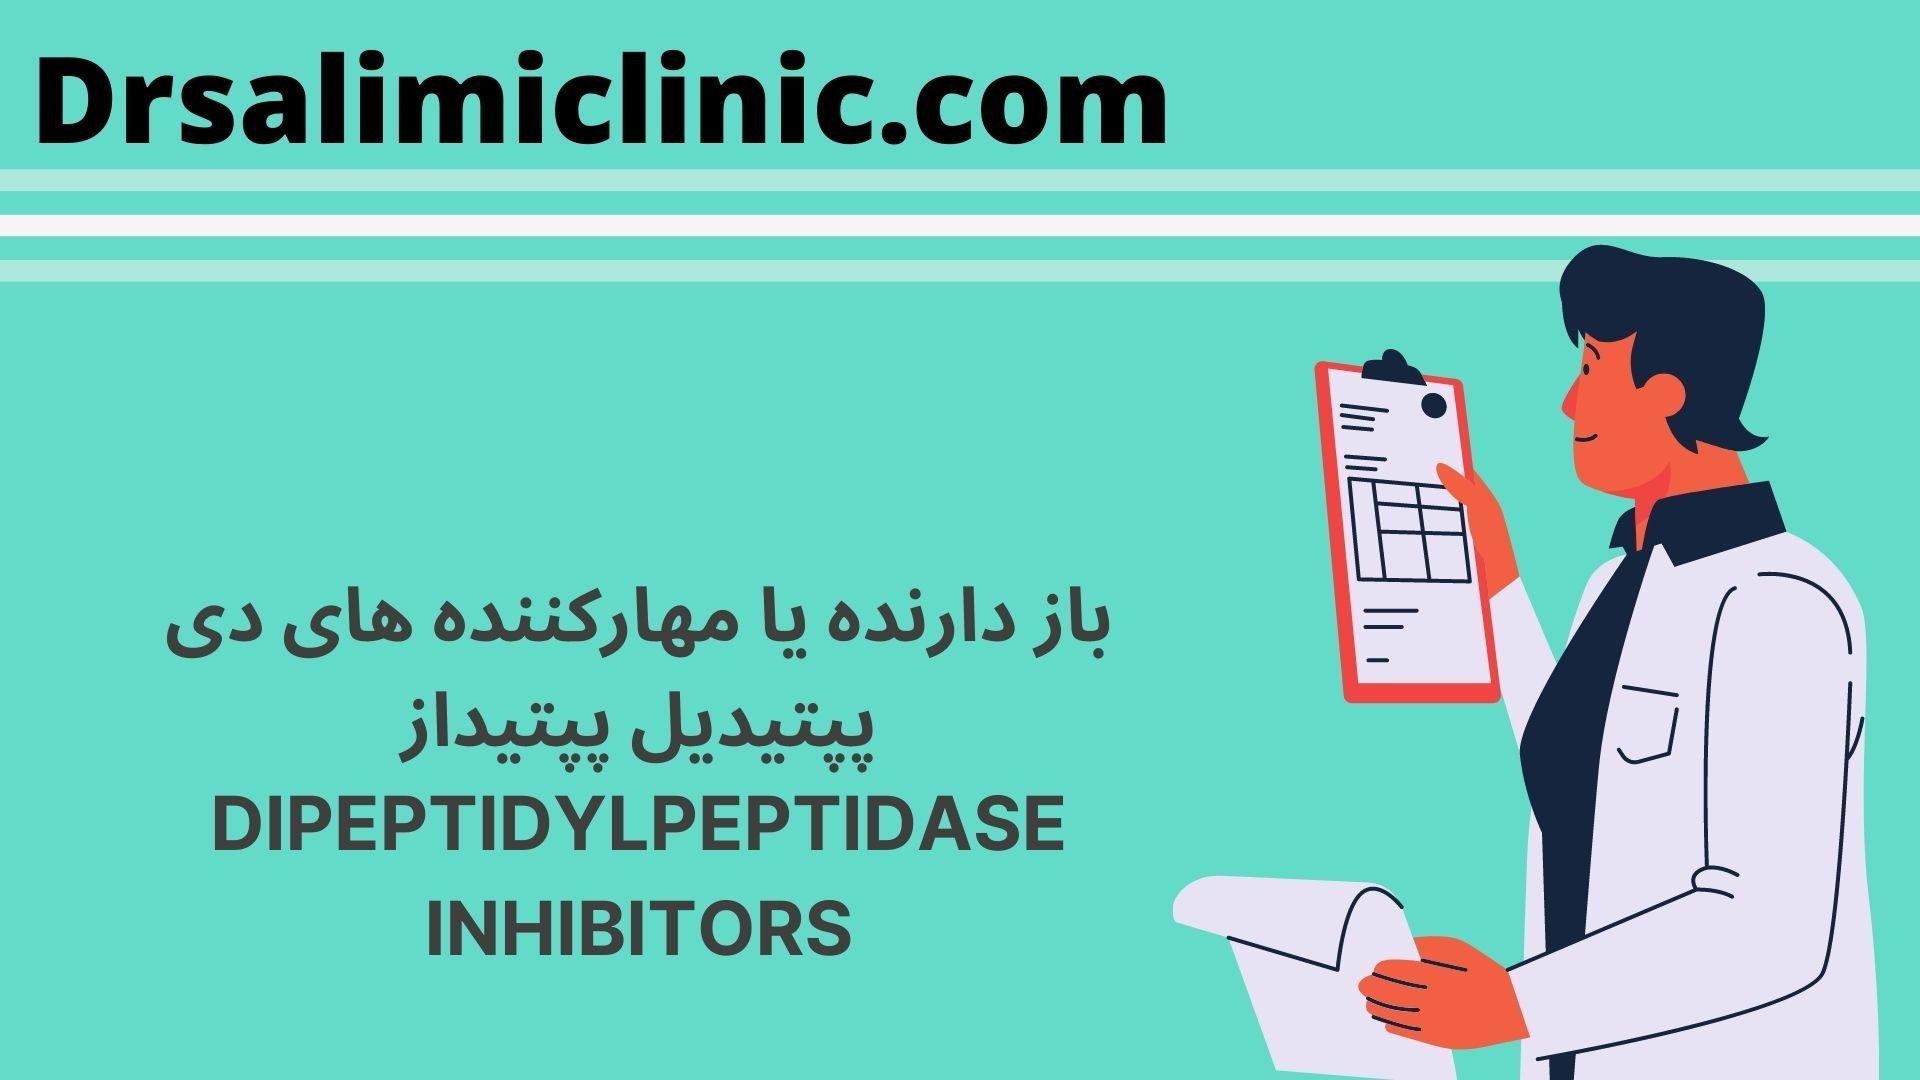 باز دارنده یا مهارکننده های دی پپتیدیل پپتیداز Dipeptidylpeptidase inhibitors